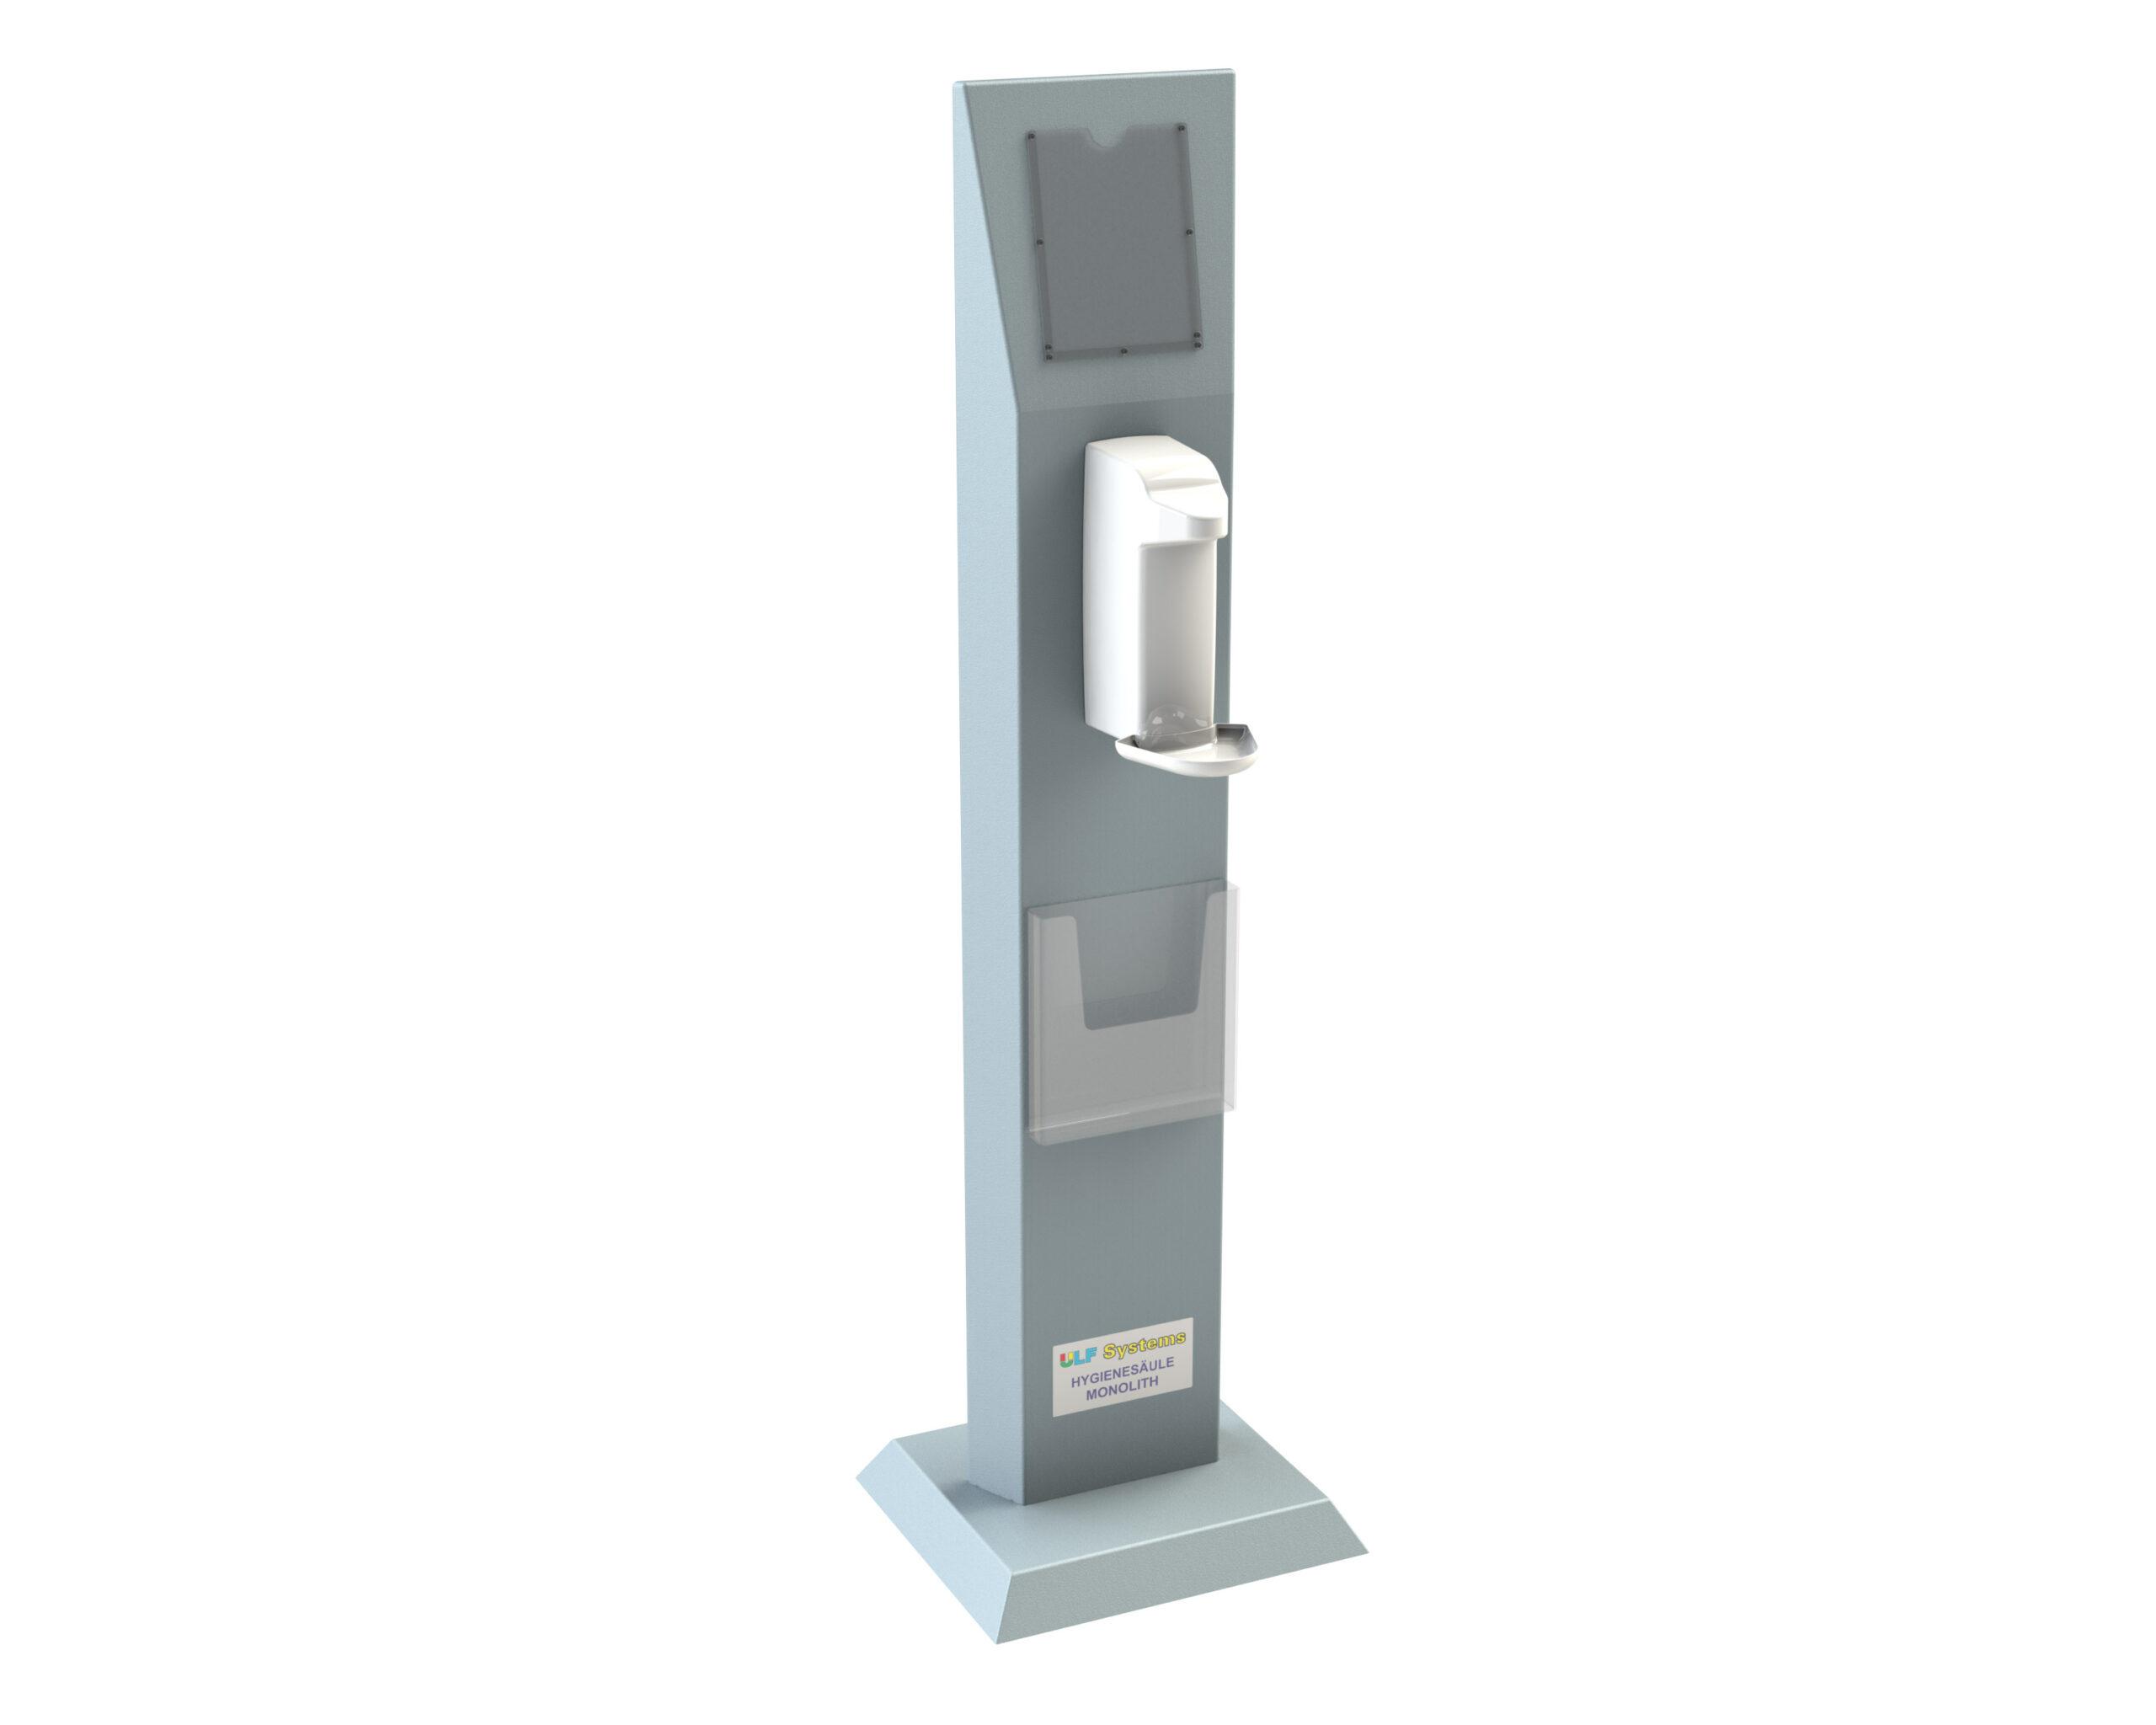 Hygienesaeule-Monolith-TRAPEZ-Prospekthalter-Vorderseite